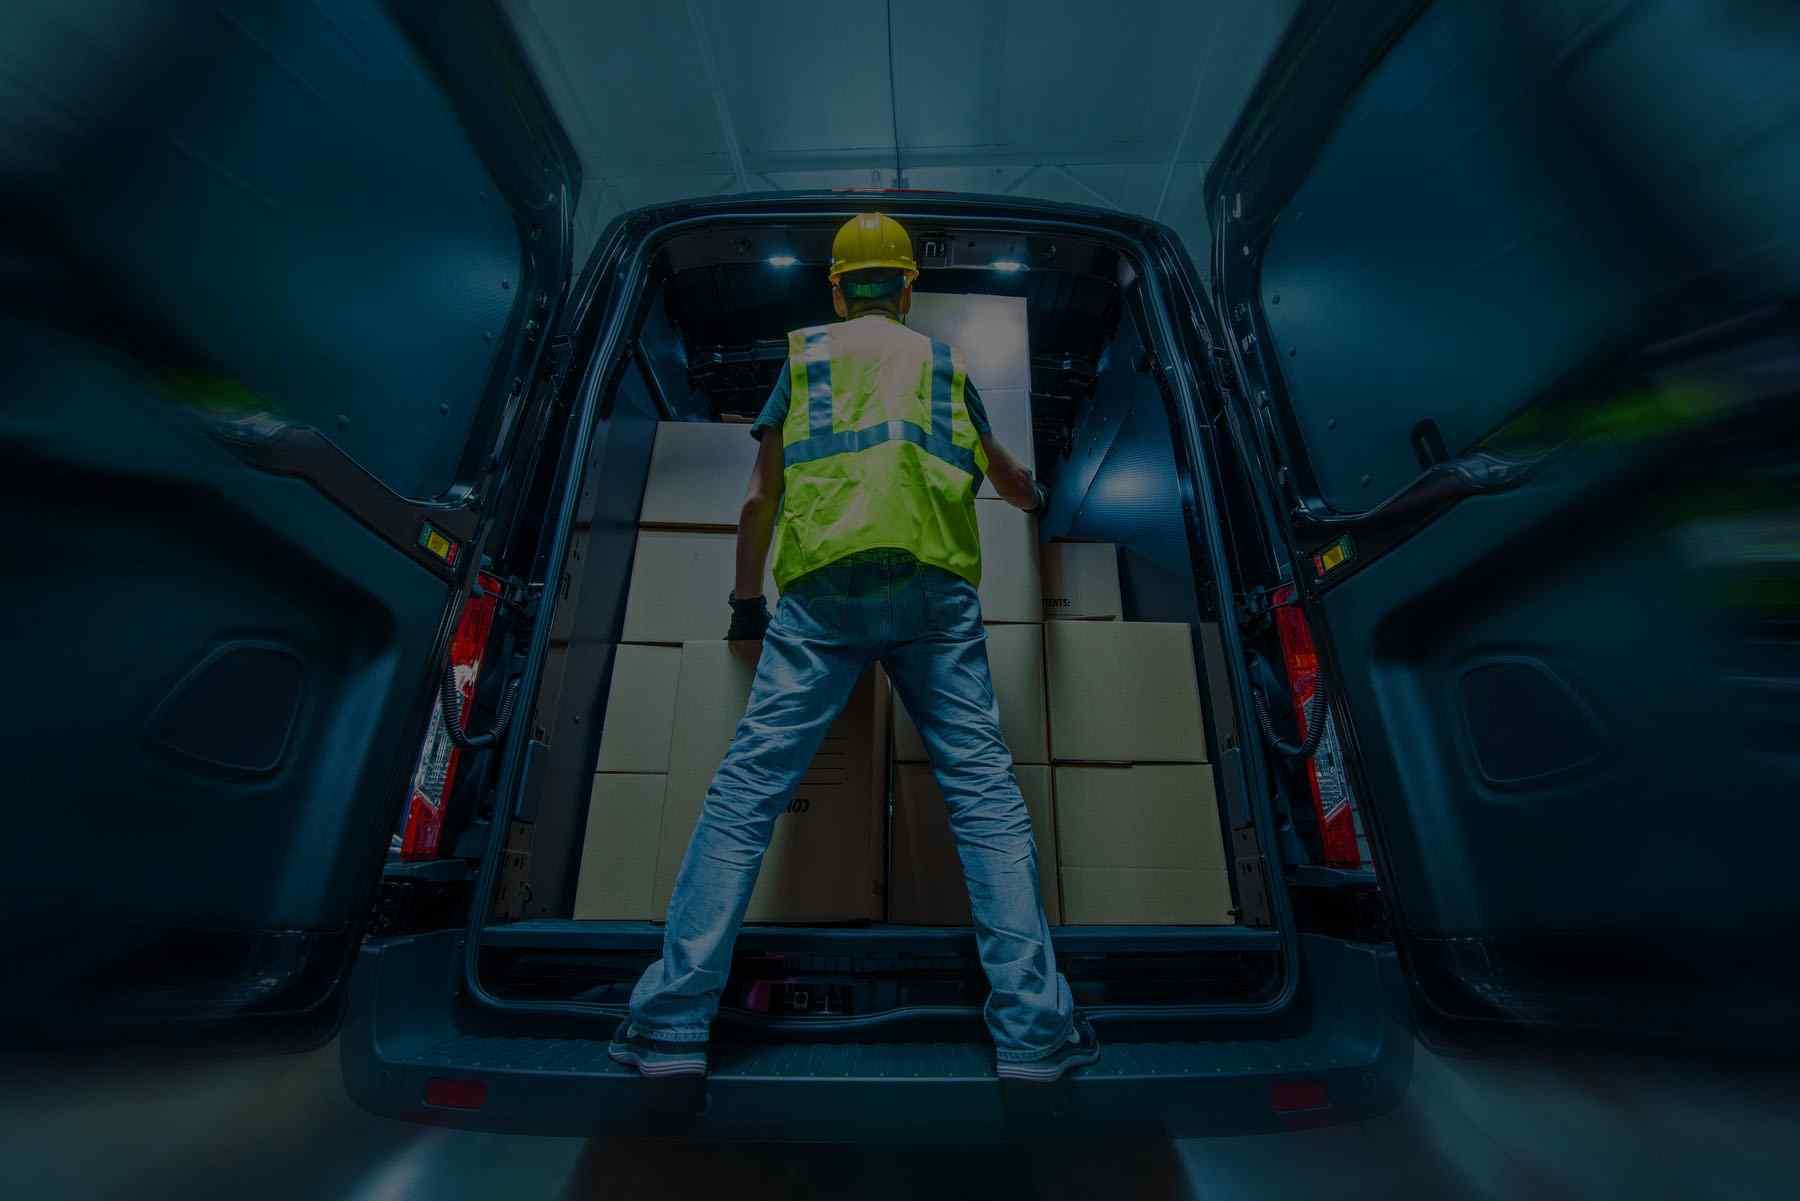 https://cobe-transport-logistics.com/wp-content/uploads/2015/09/shutterstock_287716172.jpg